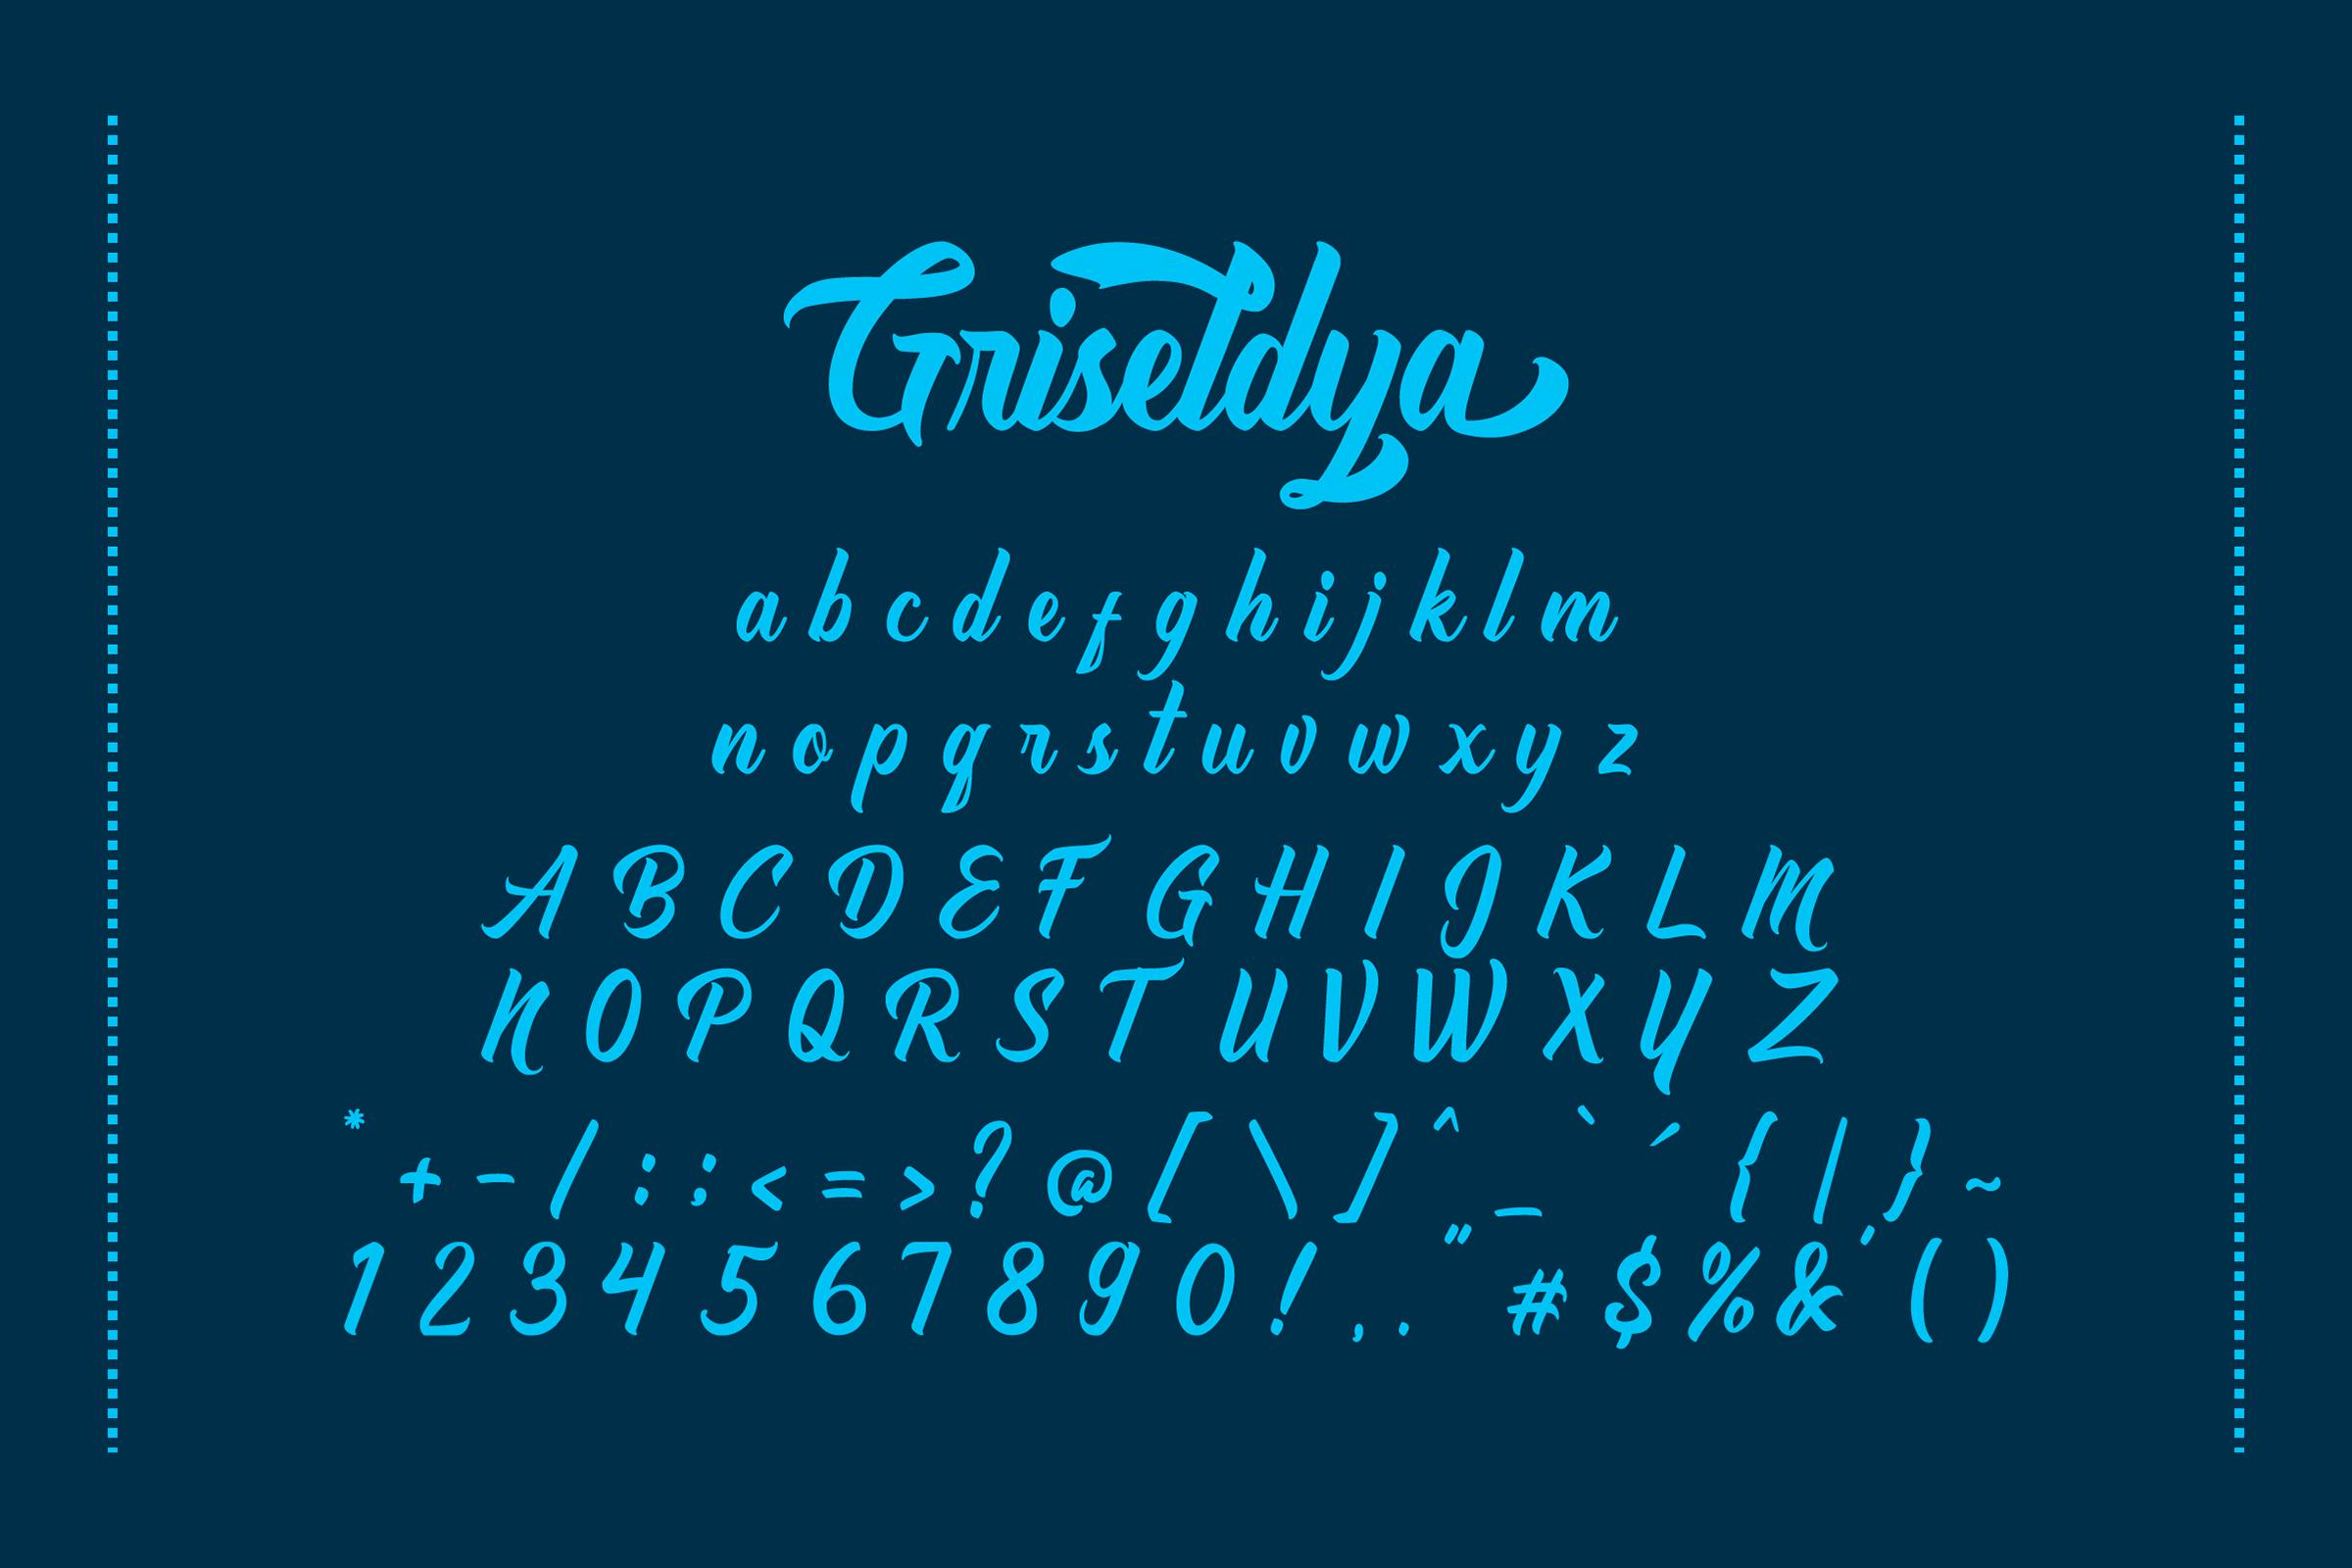 Griseldya Font example image 6